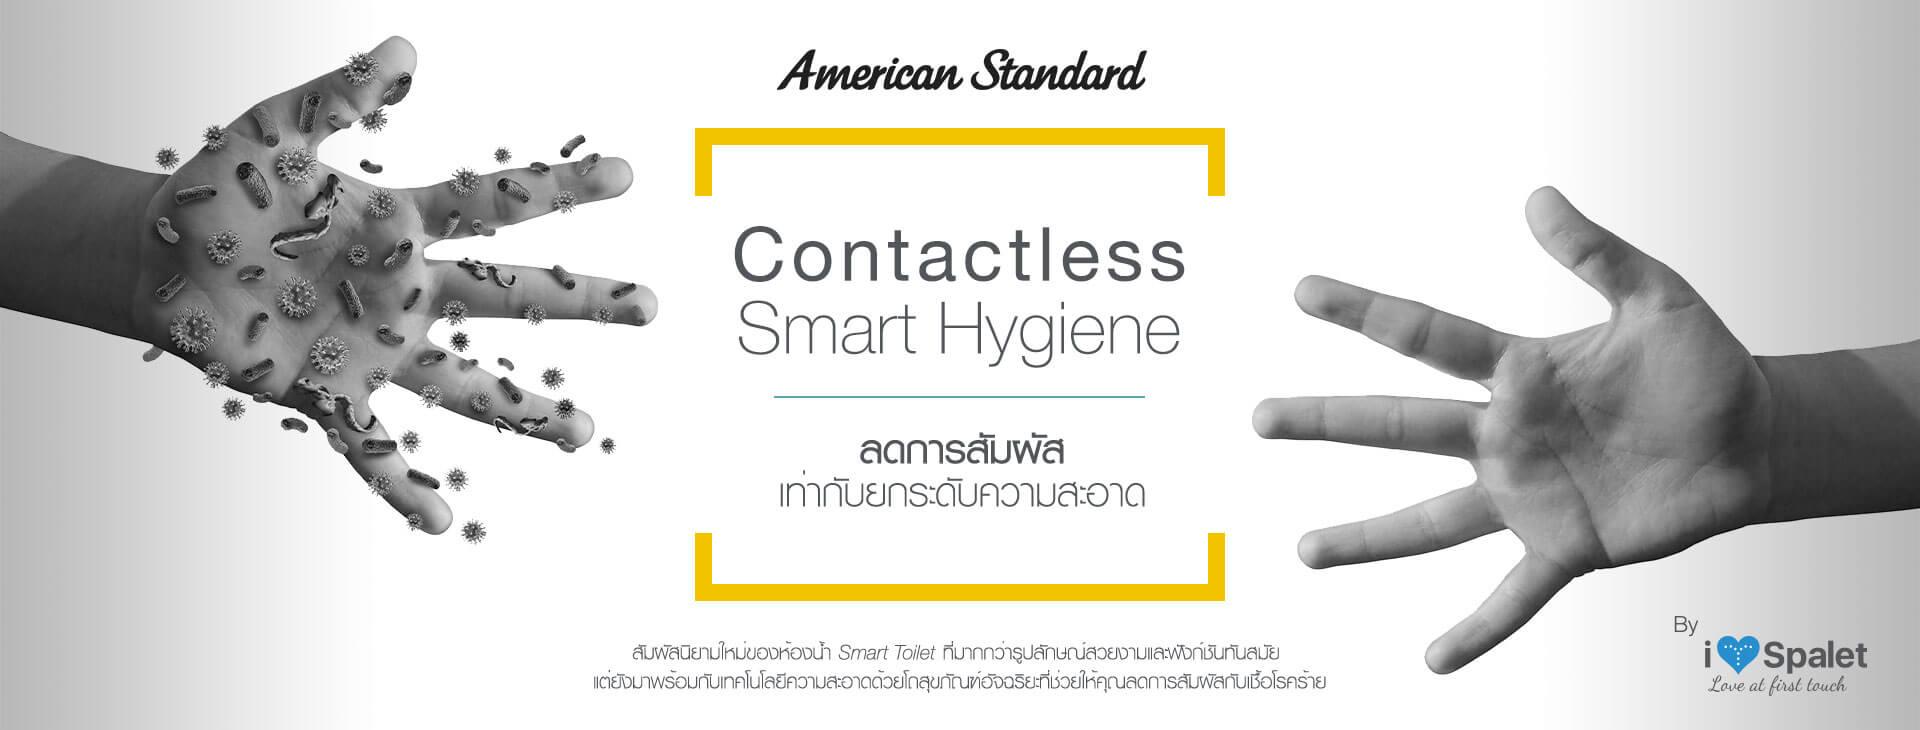 สุขภัณฑ์ ยี่ห้อไหนดี American Standard